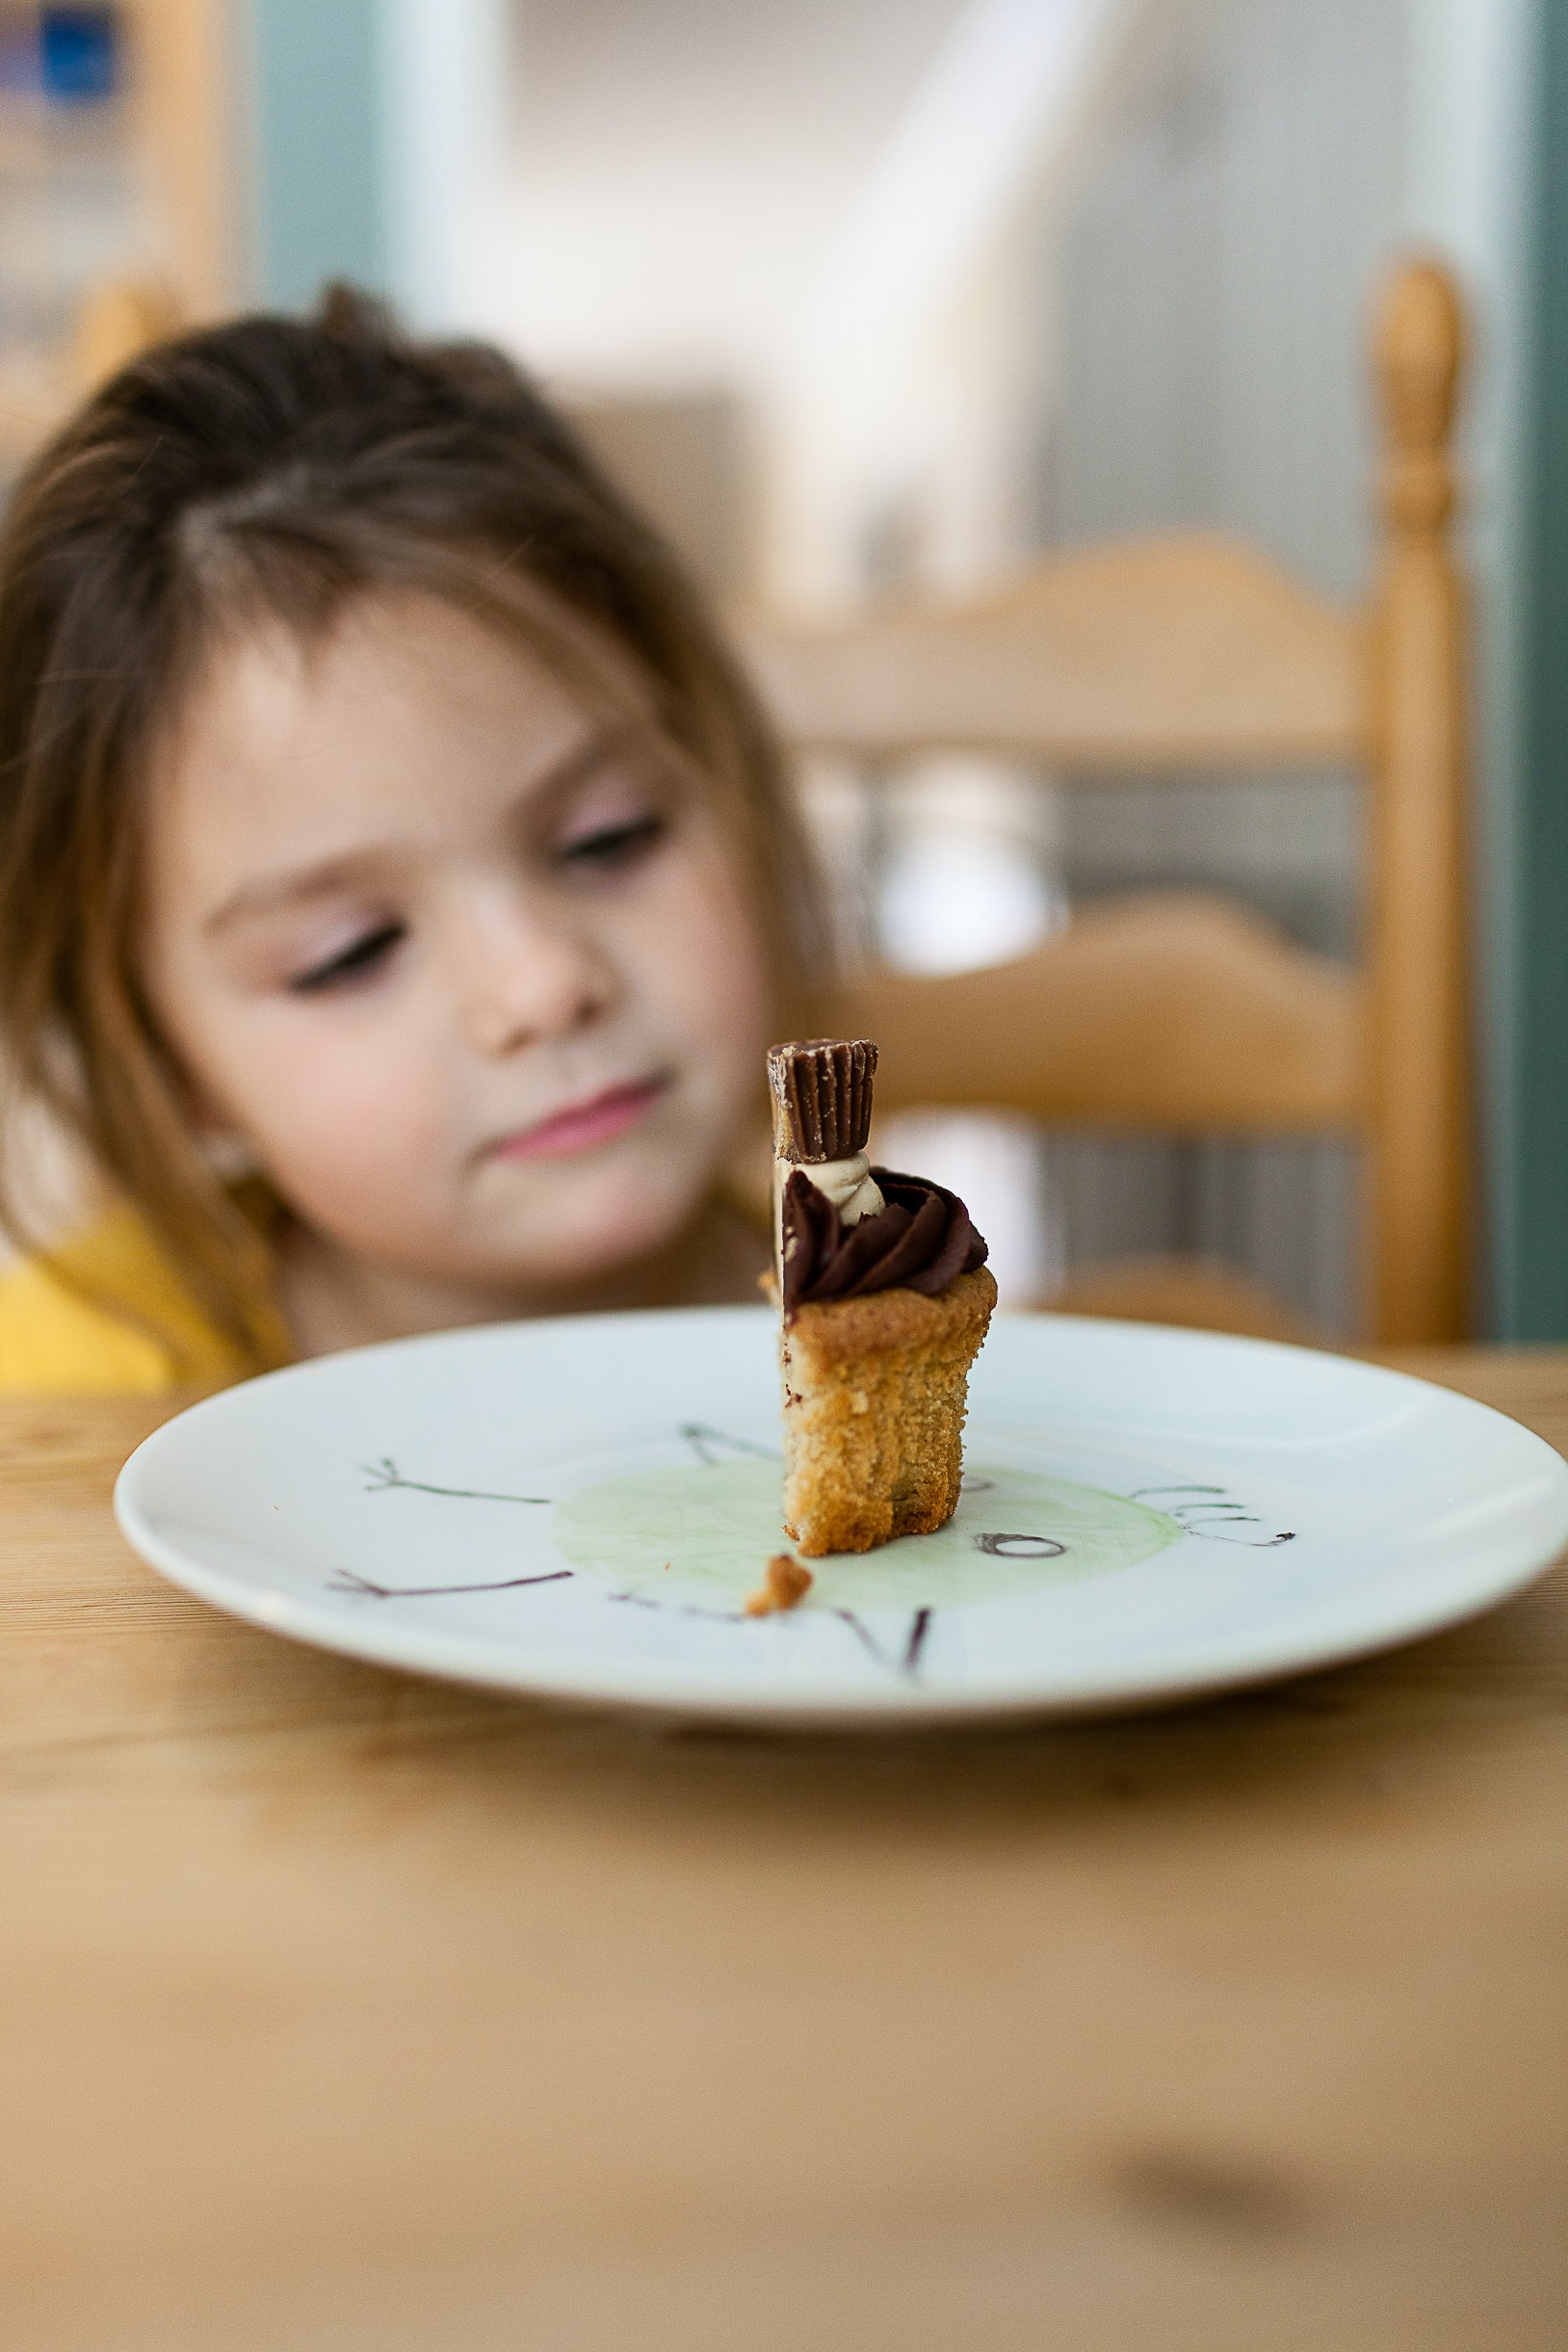 Fenilcetonuria La enfermedad que impide a los pacientes comer la mayoría de los alimentos (5)